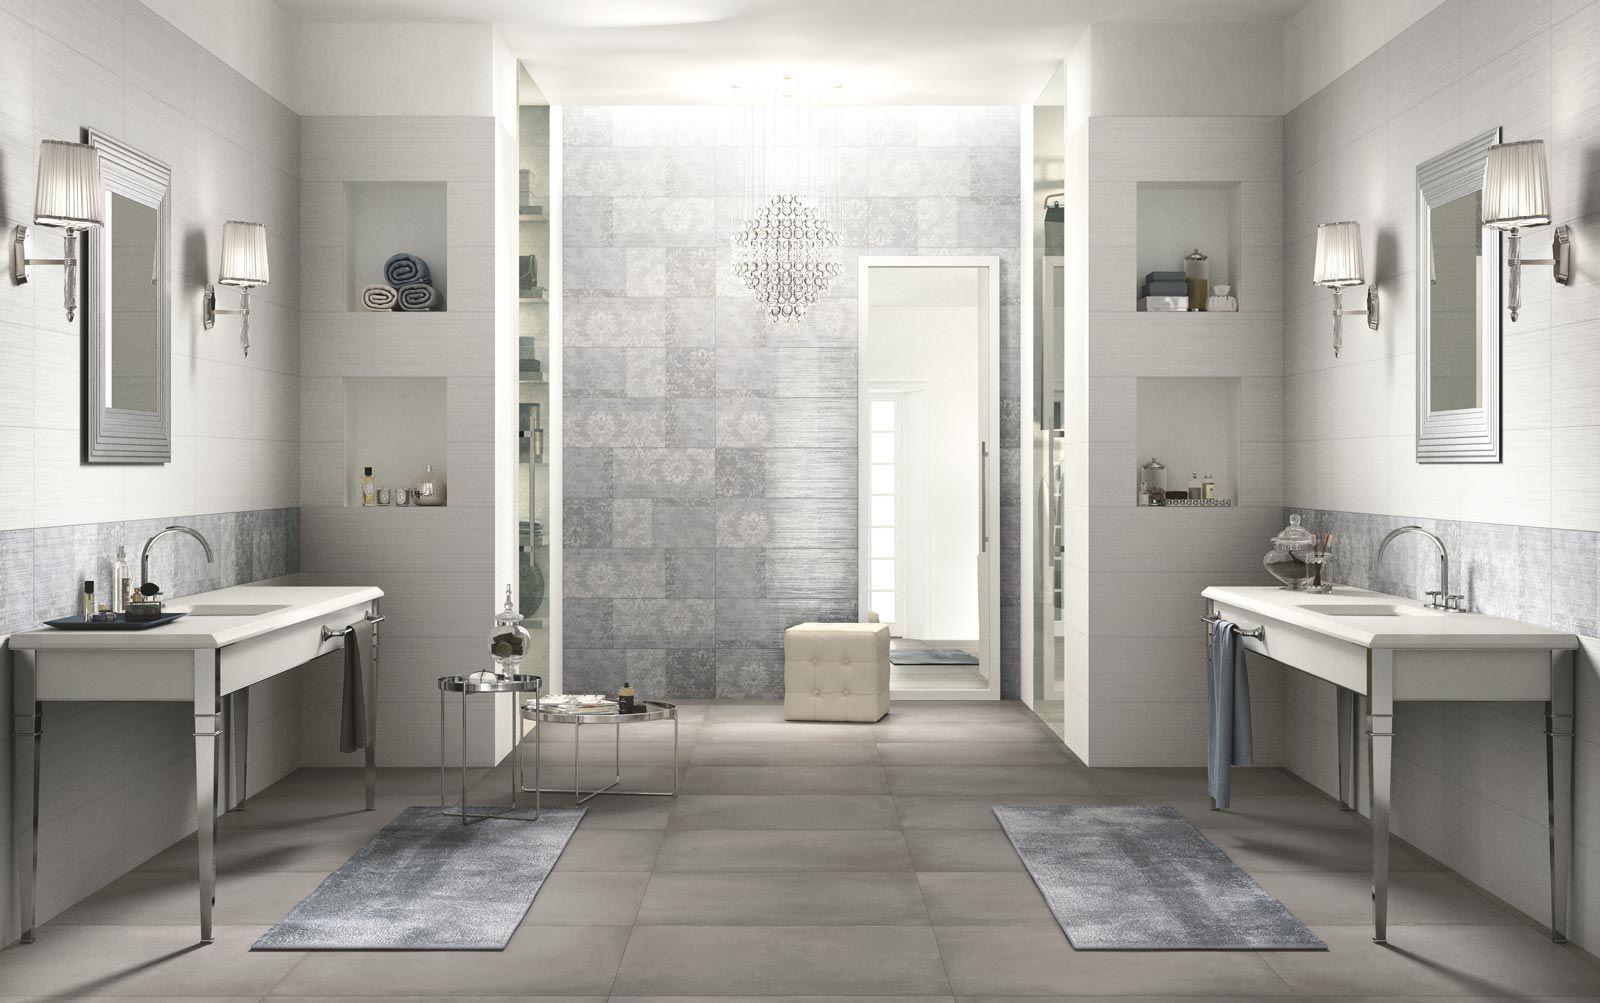 Fliesen Für Badezimmer Für Wände Keramik Streifenmuster - Ragno fliesen katalog